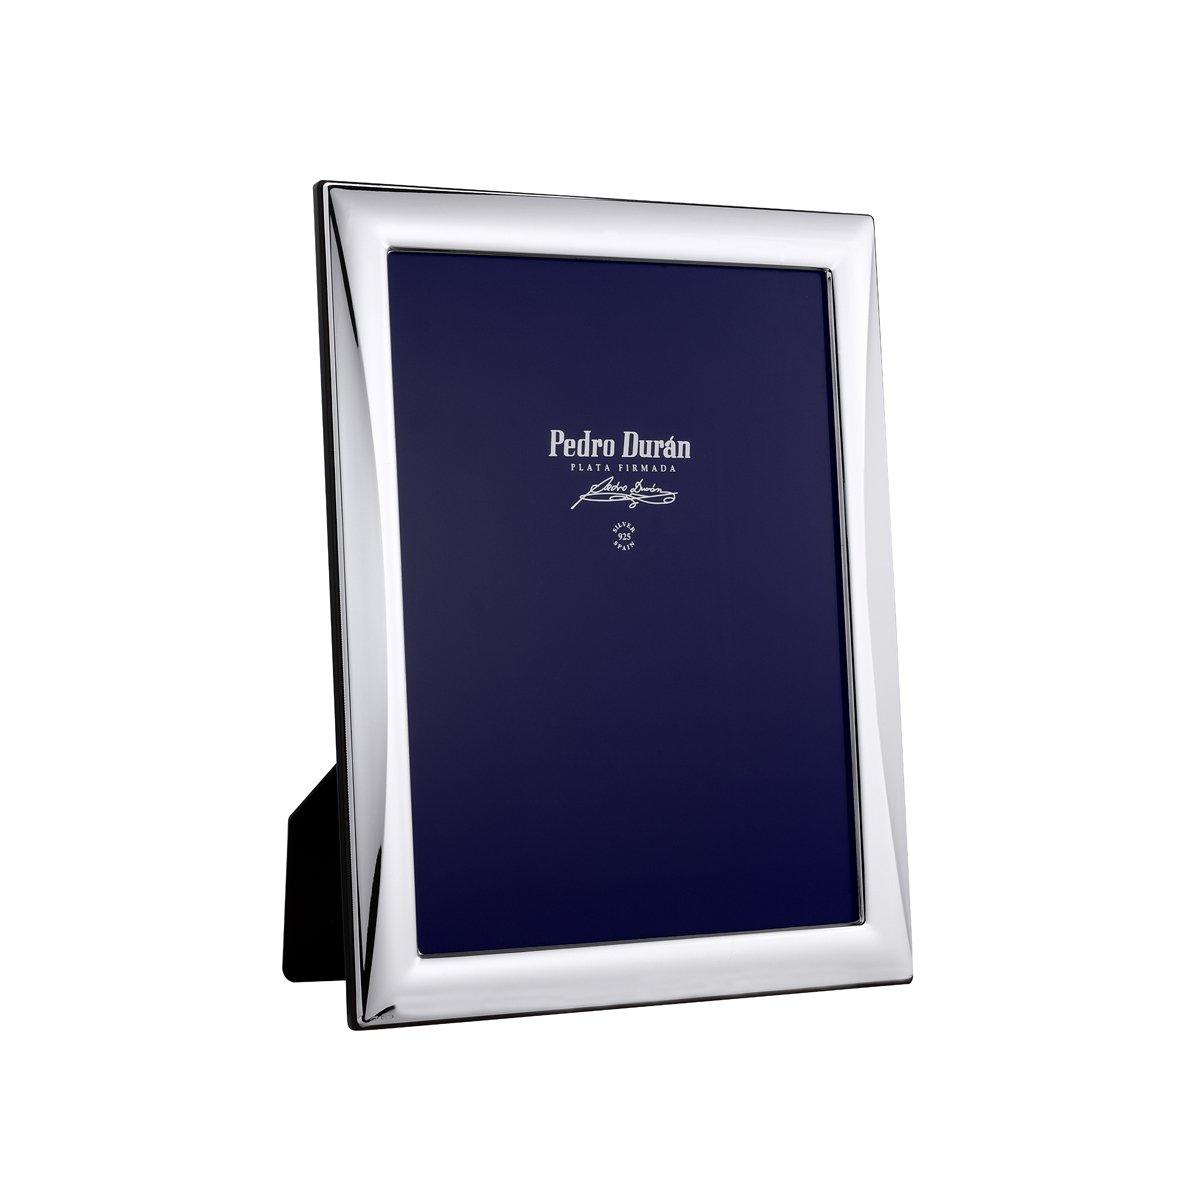 PEDRO Duran 00131029 – Rahmen mit Chicago Design - 21 x 27 cm - silber